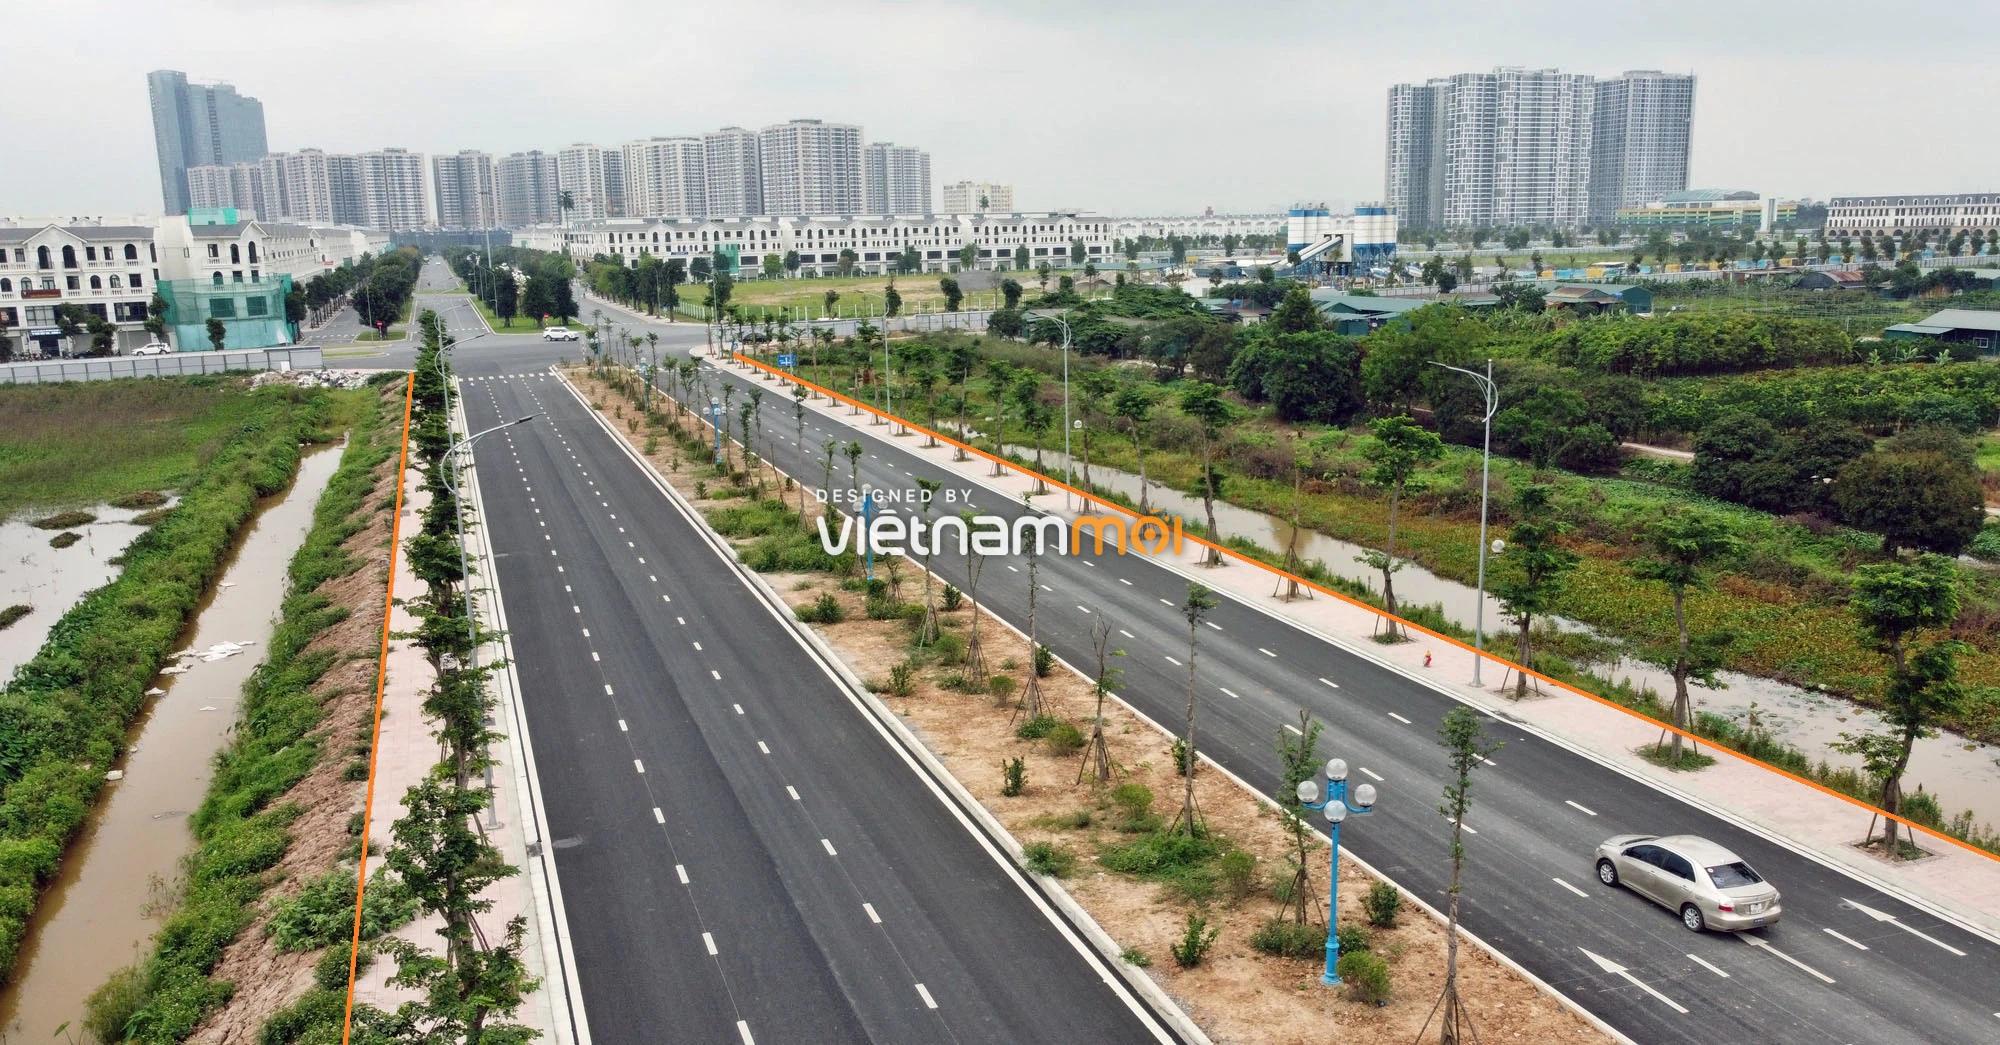 Toàn cảnh đường nối Vinhomes Ocean Park với ga Phú Thụy đang mở theo quy hoạch ở Hà Nội - Ảnh 9.